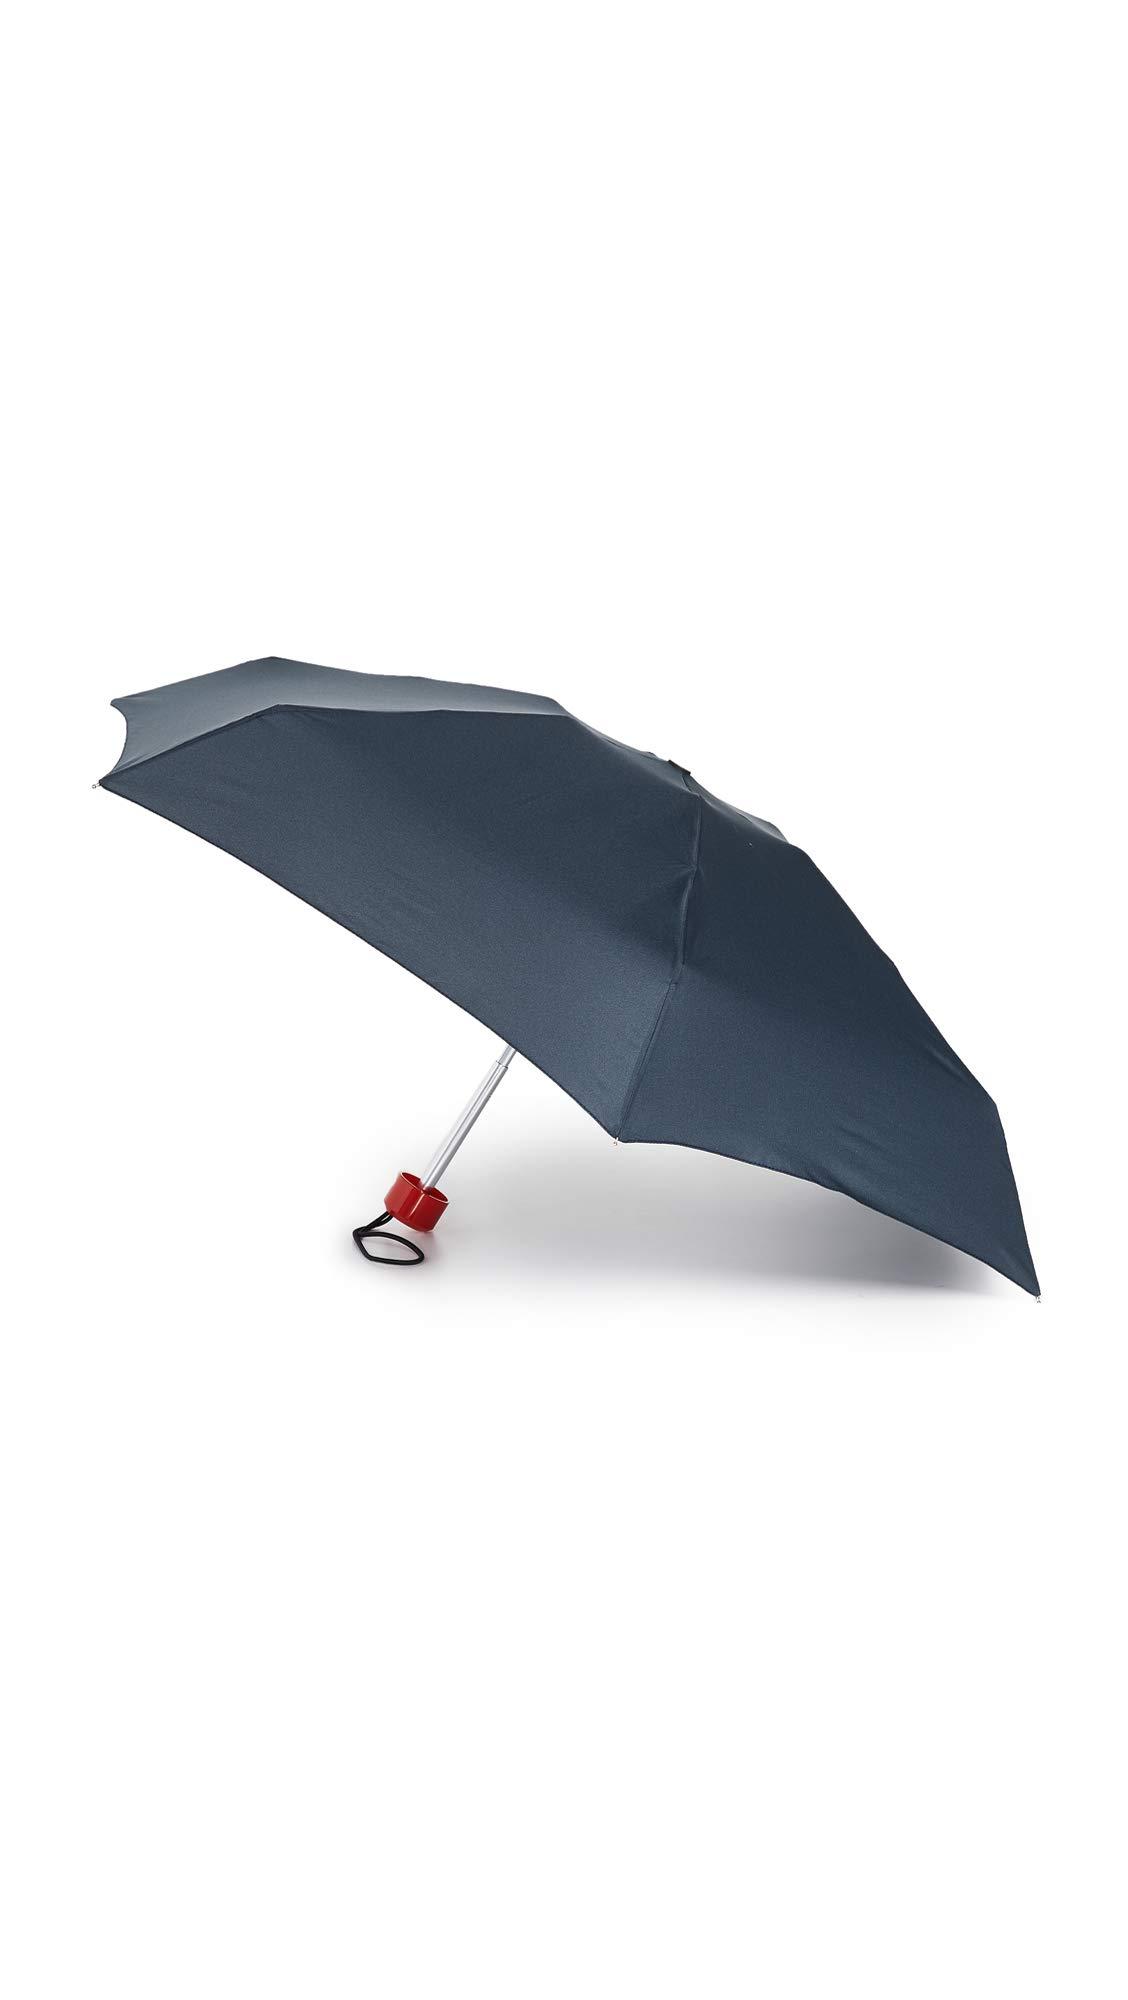 Hunter Boots Men's Original Mini Compact Umbrella, Navy, Blue, One Size